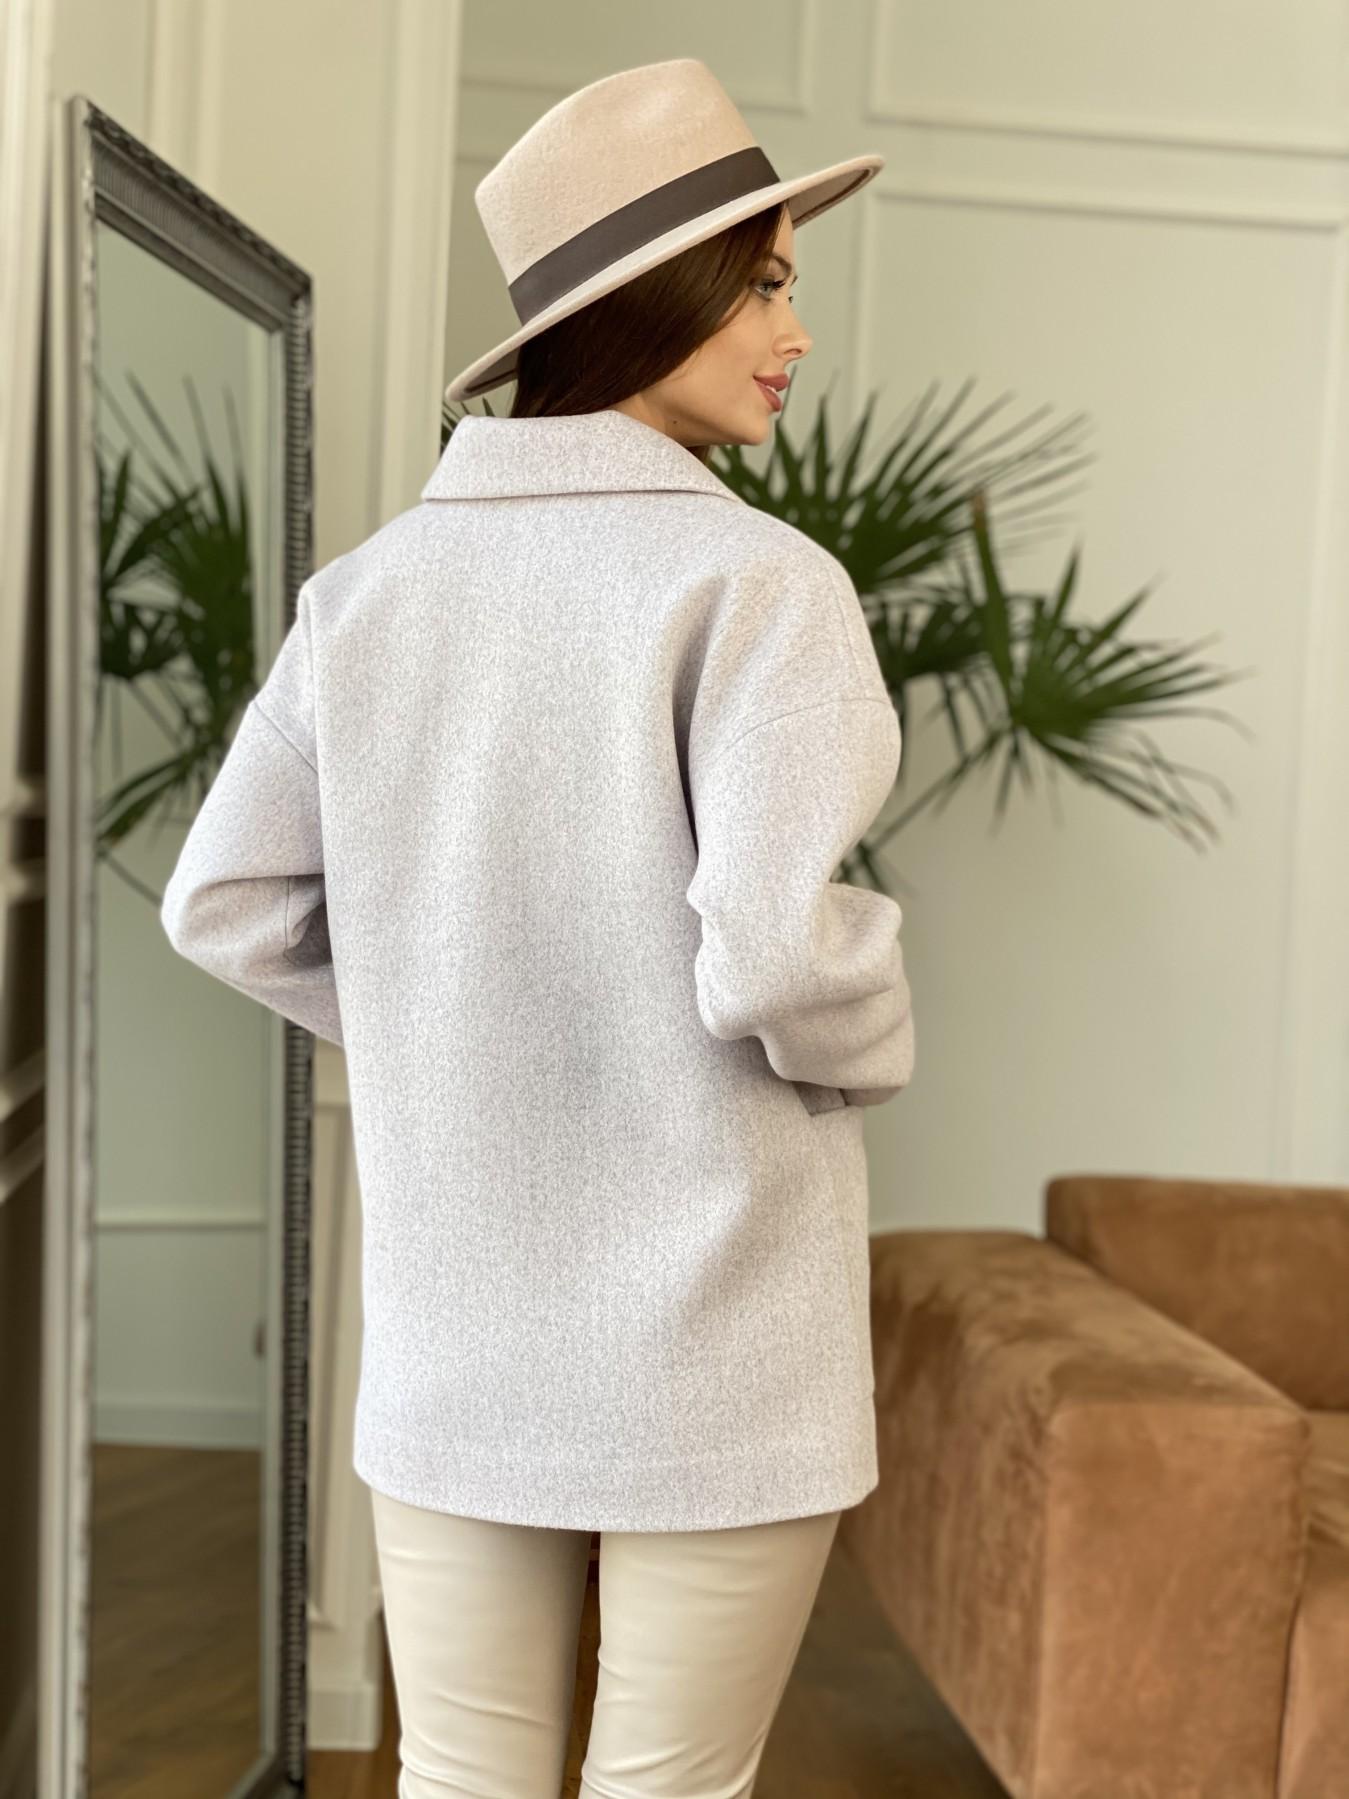 Мансера пальто кашемир меланж на трикотаже  10629 АРТ. 47554 Цвет: Серо-розовый 21 - фото 3, интернет магазин tm-modus.ru